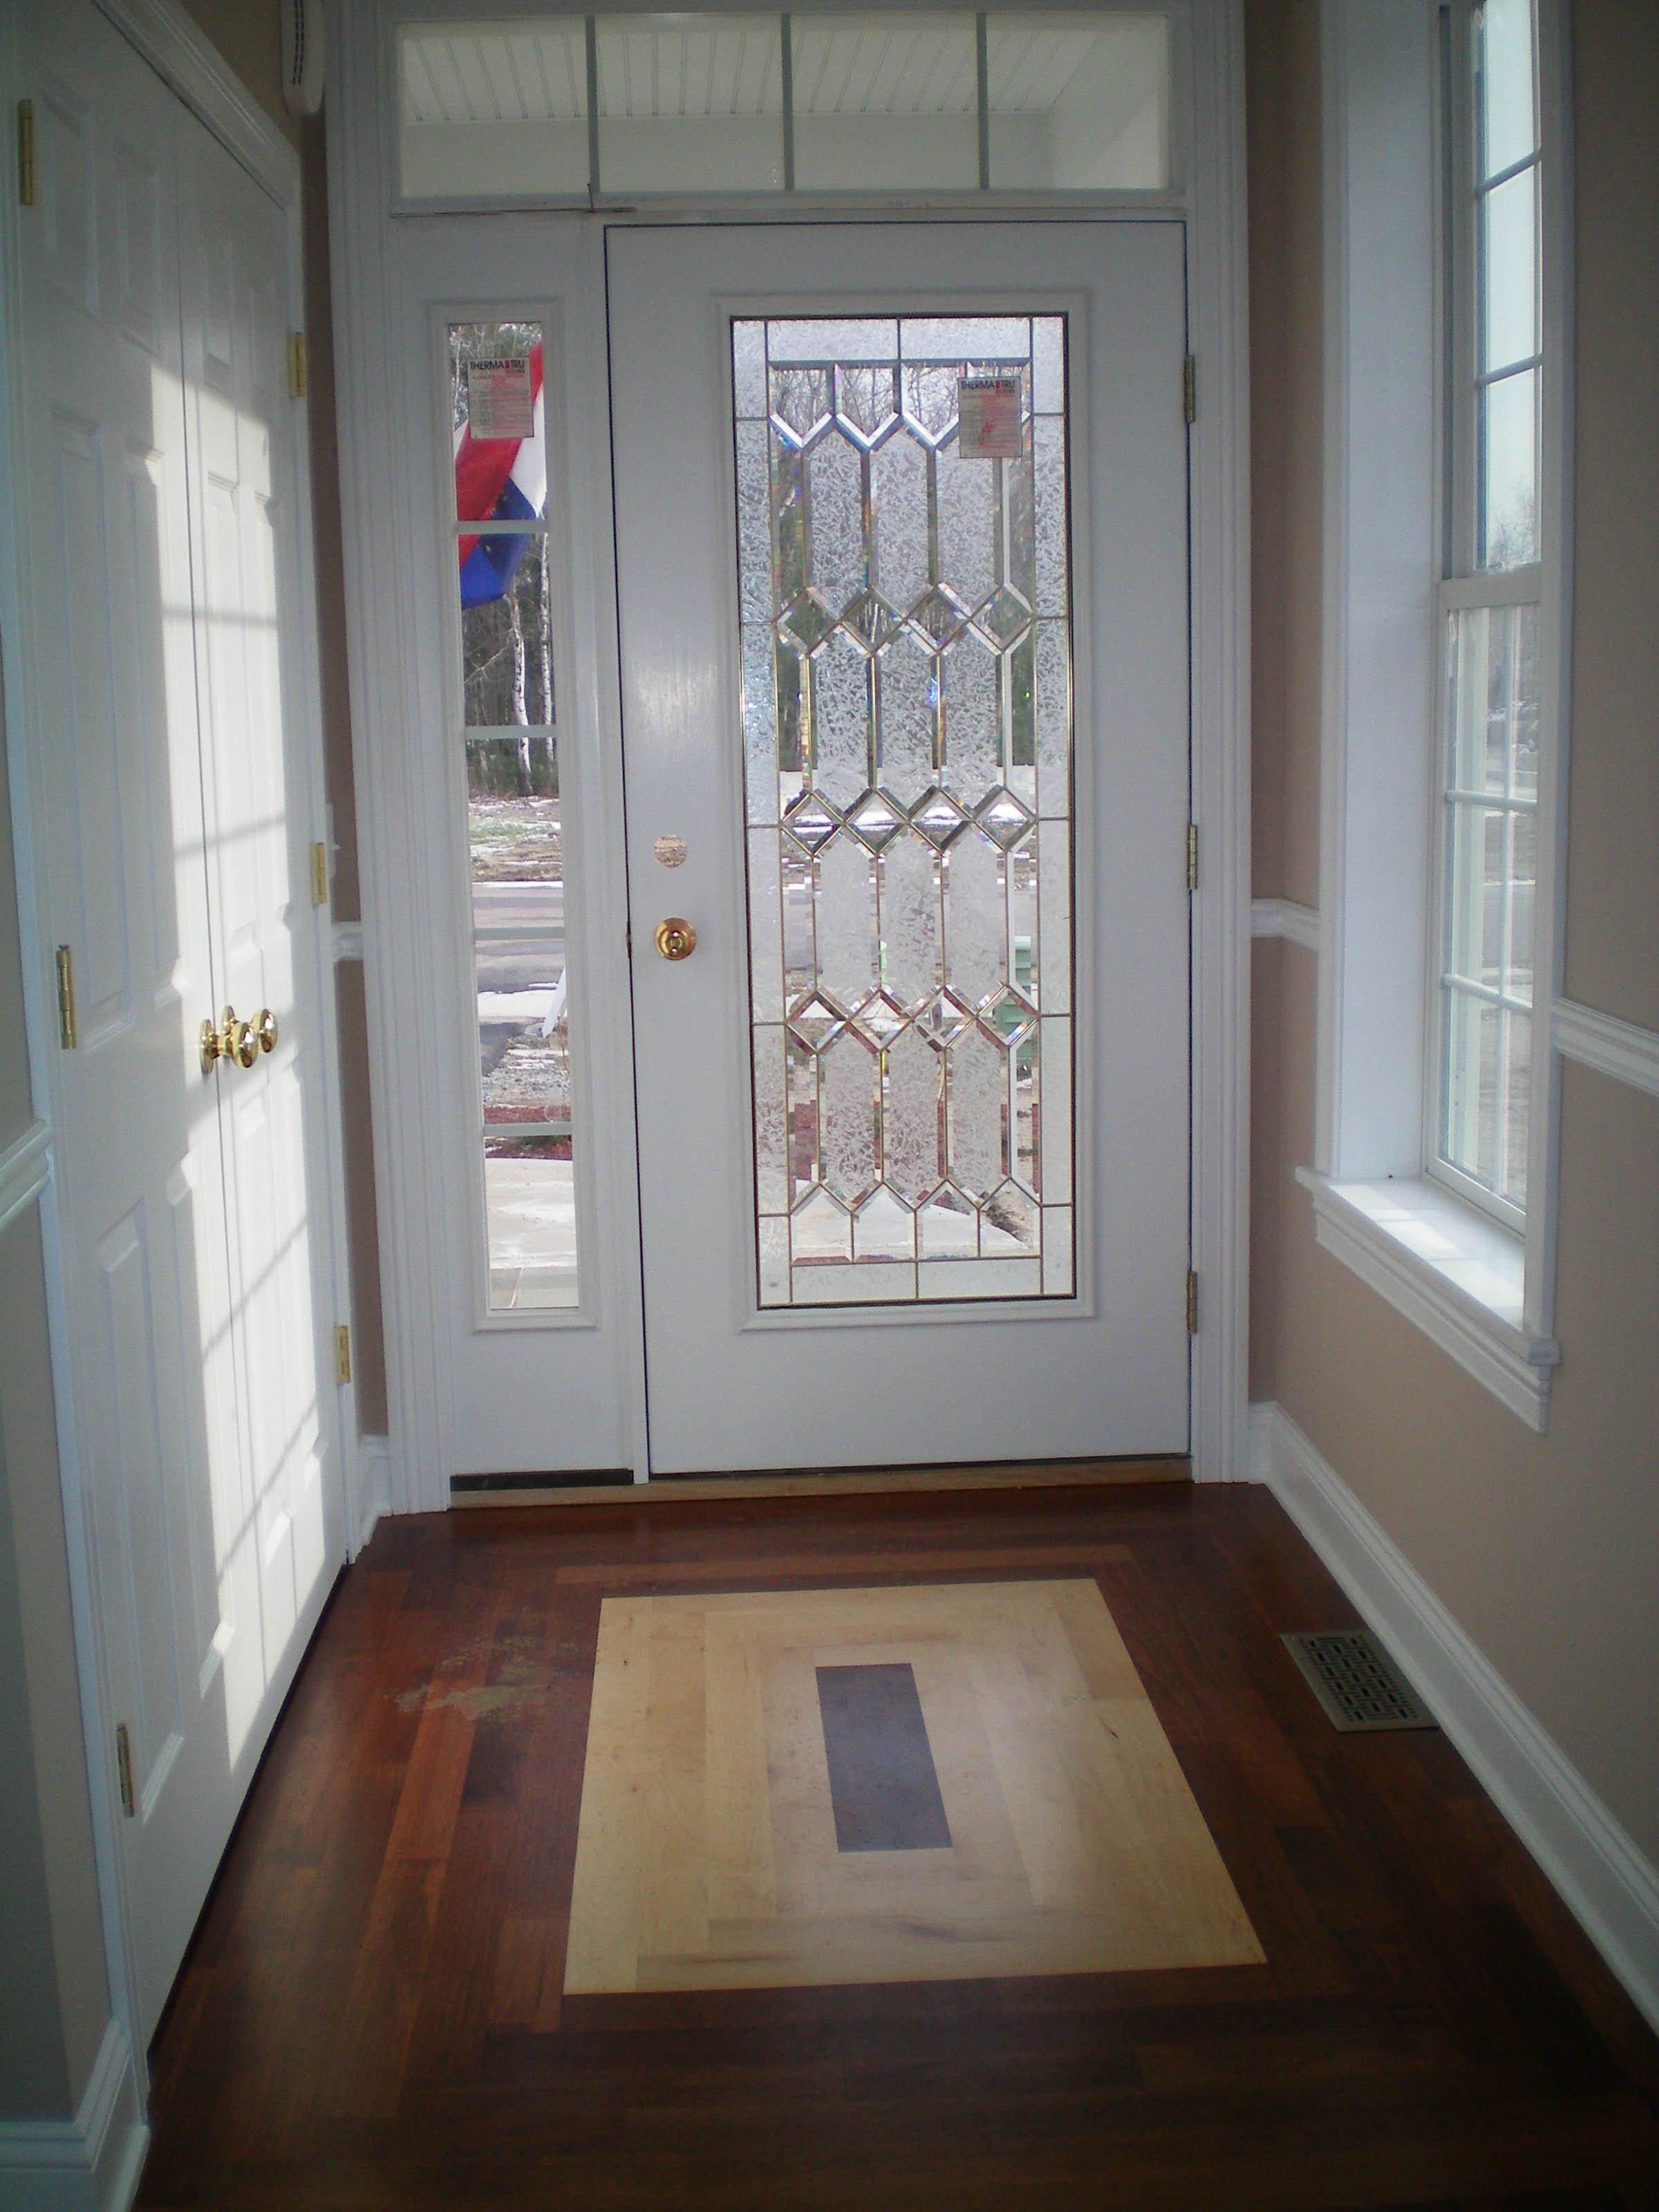 VT Wood Floor Sanding & Refinishing